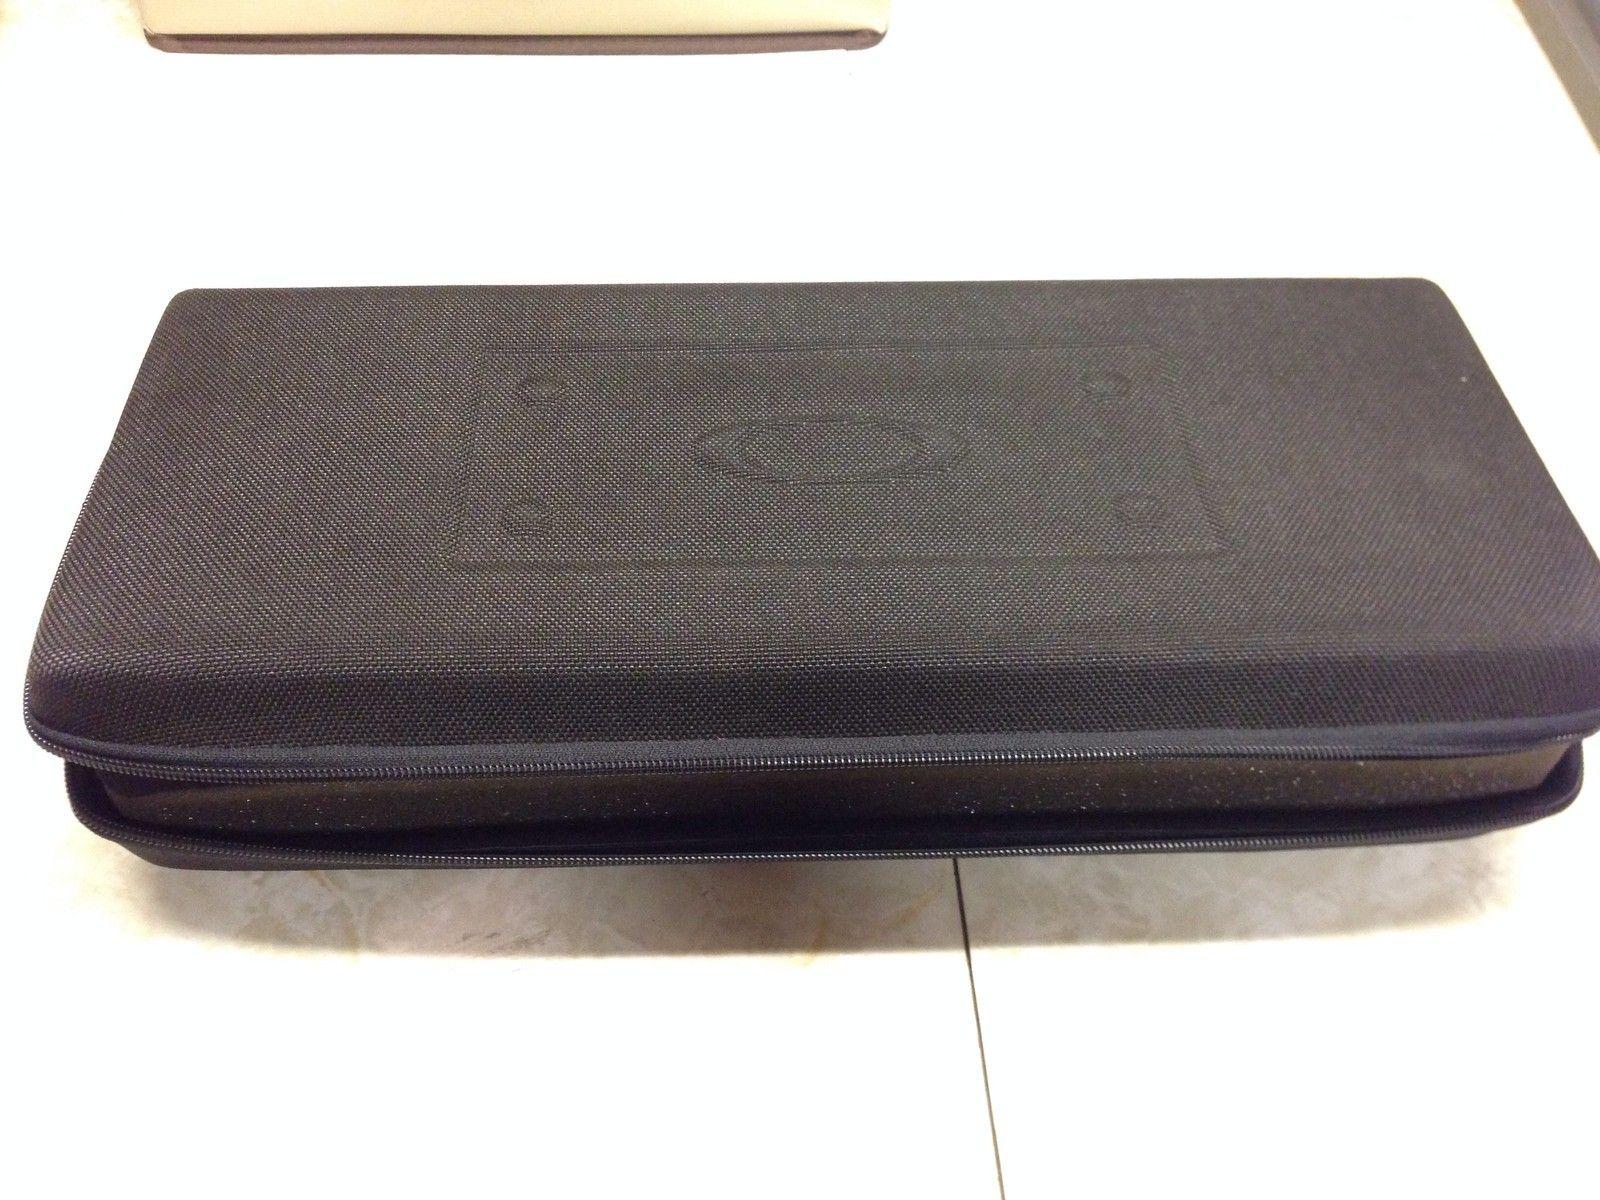 Oakley Sales Rep Case - wrw7kBv.jpg